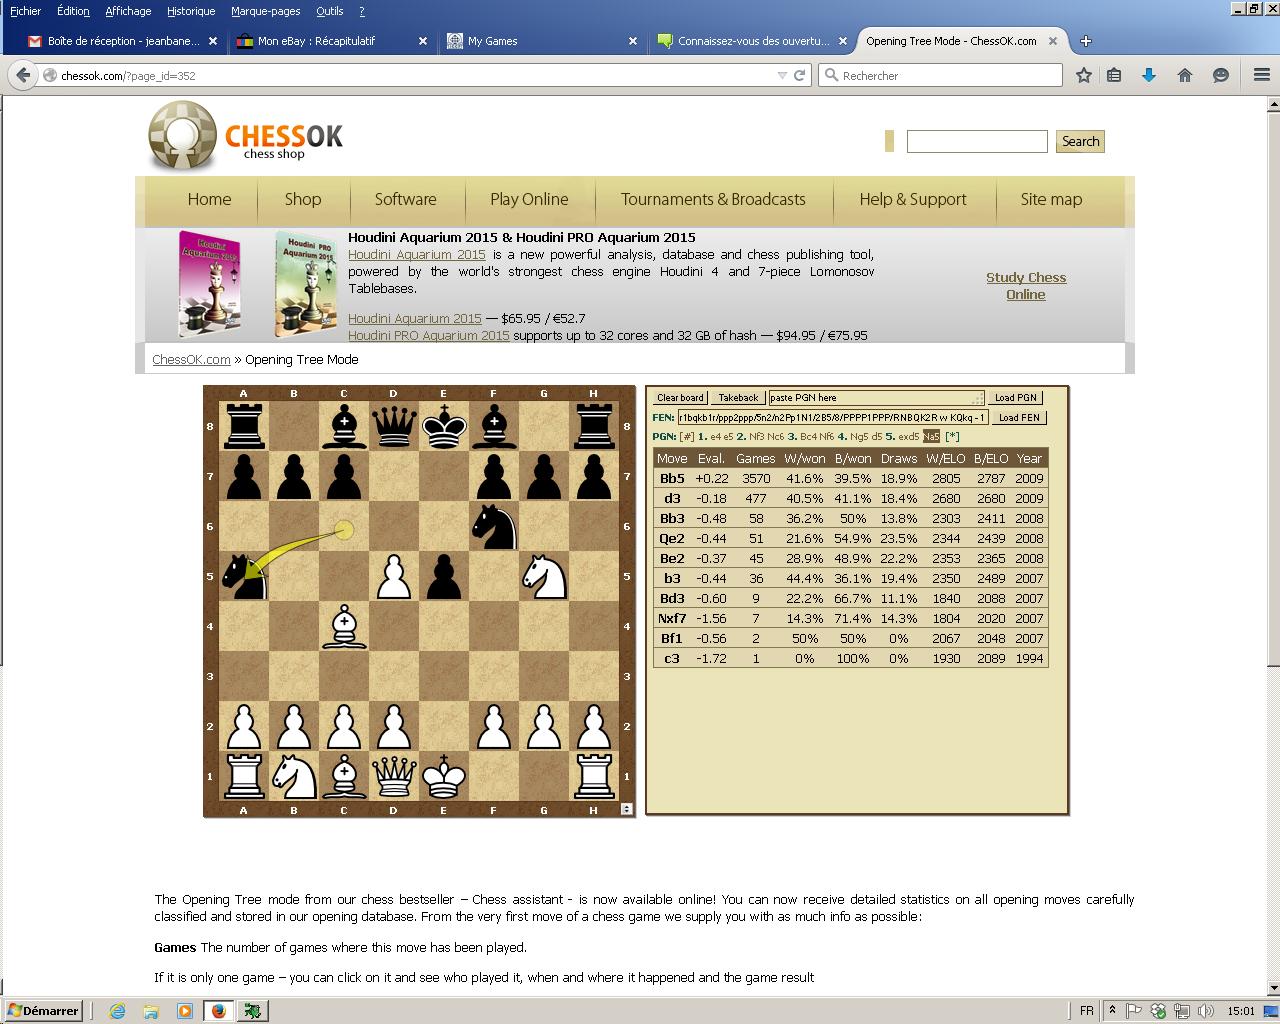 Connaissez-vous des ouvertures ou des variantes d'ouvertures qui font perdre la boule à vos adversaires? Captur11